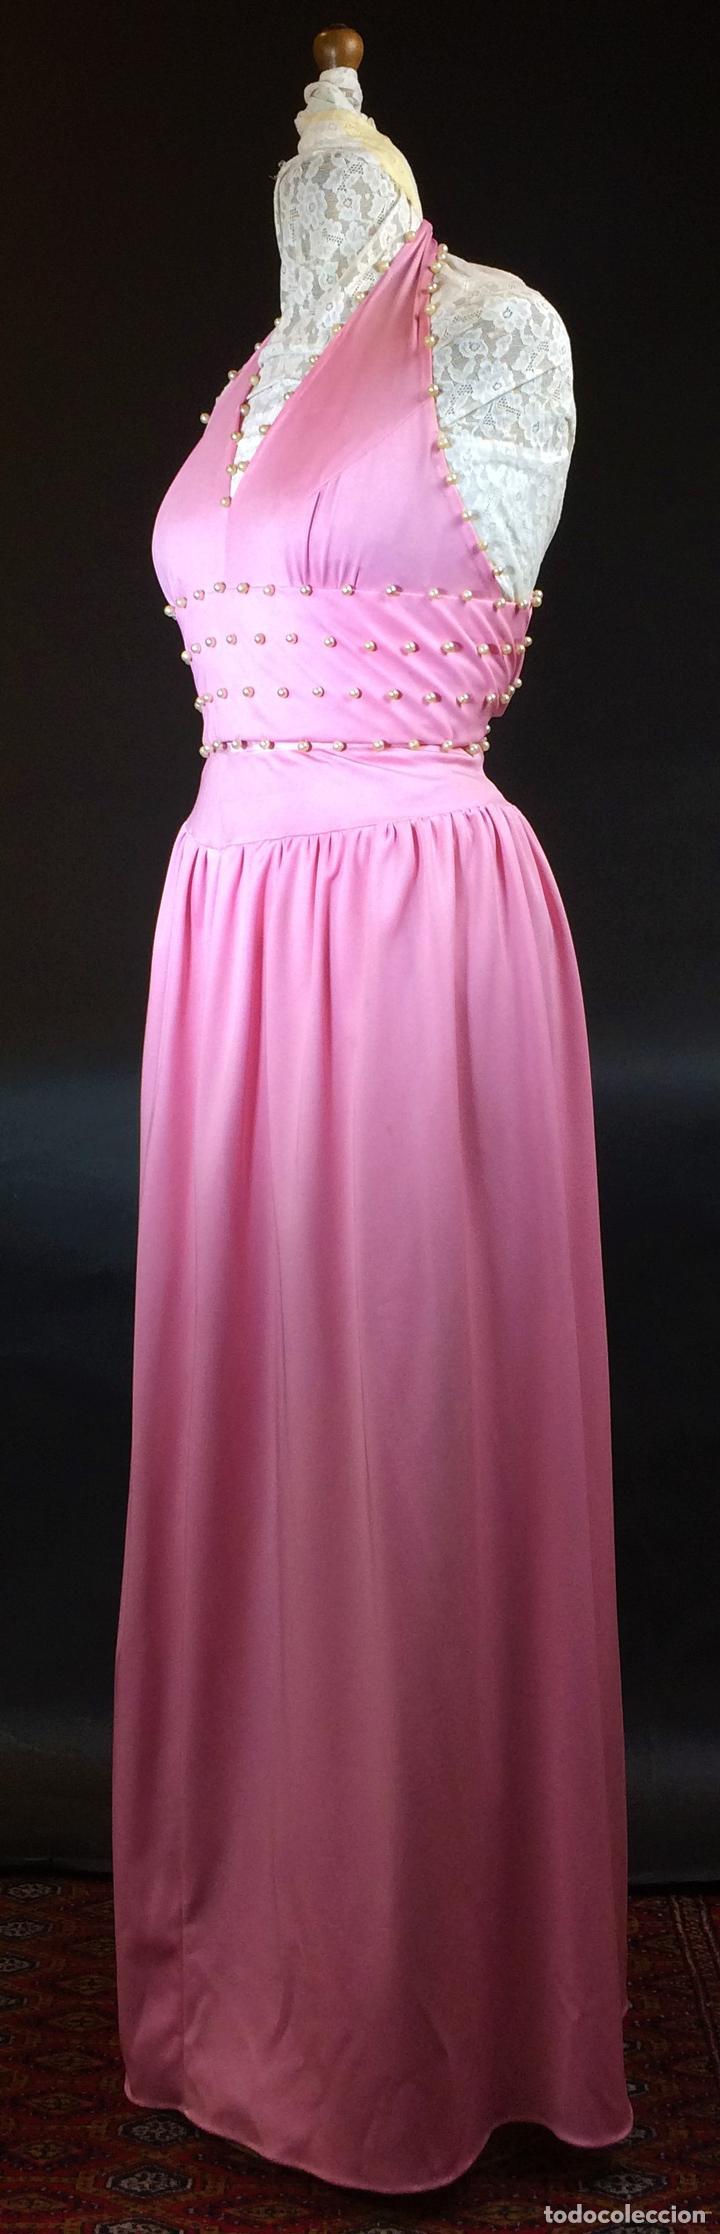 vestido de fiesta estilo marilyn. confección a - Comprar Moda ...